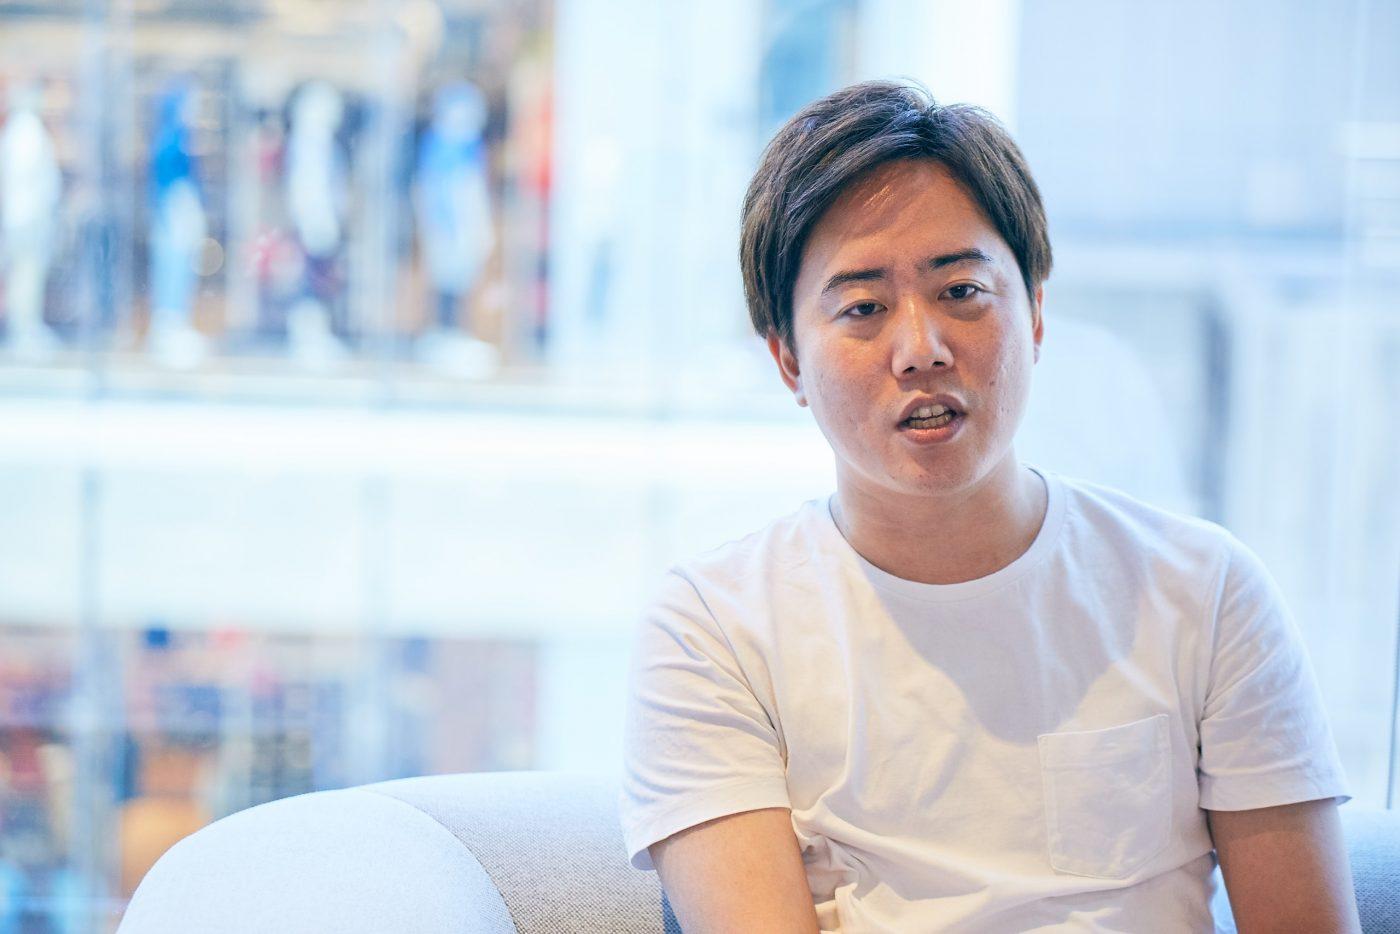 倉橋健太(くらはし・けんた)  ー株式会社プレイド 代表取締役